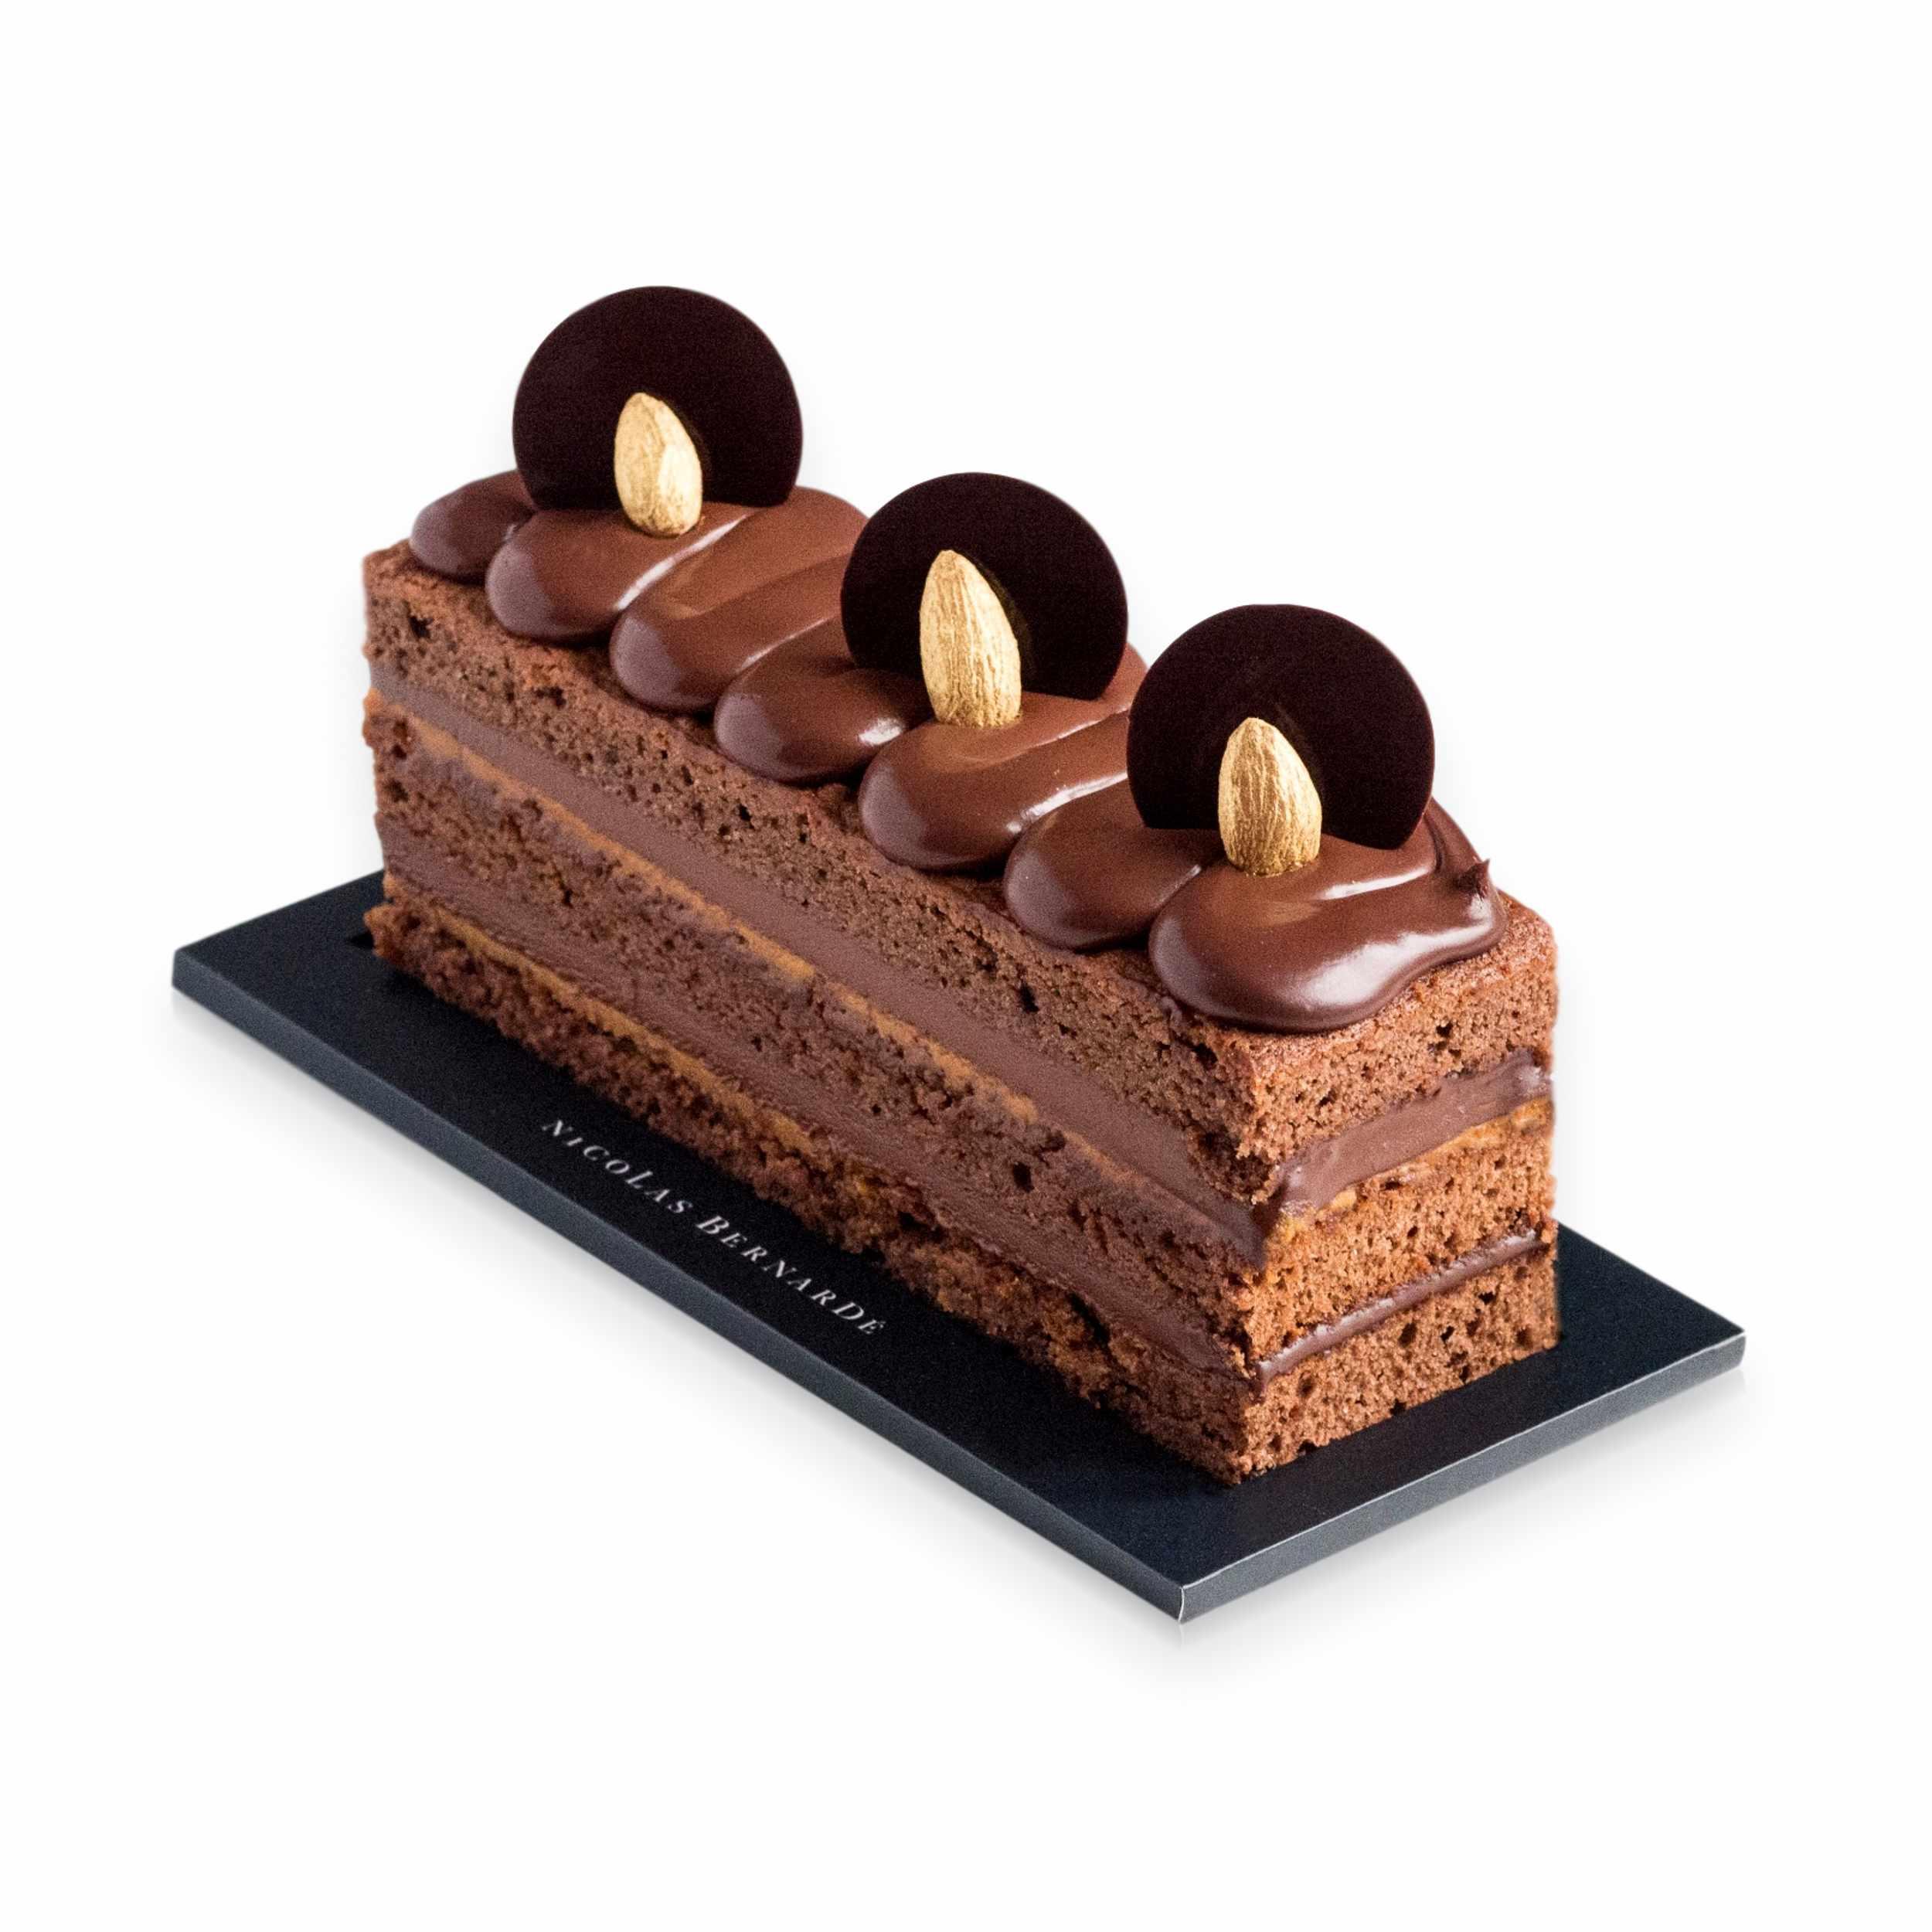 Cakissime chocolat et caramel - Pâtisserie et gâteau de voyage